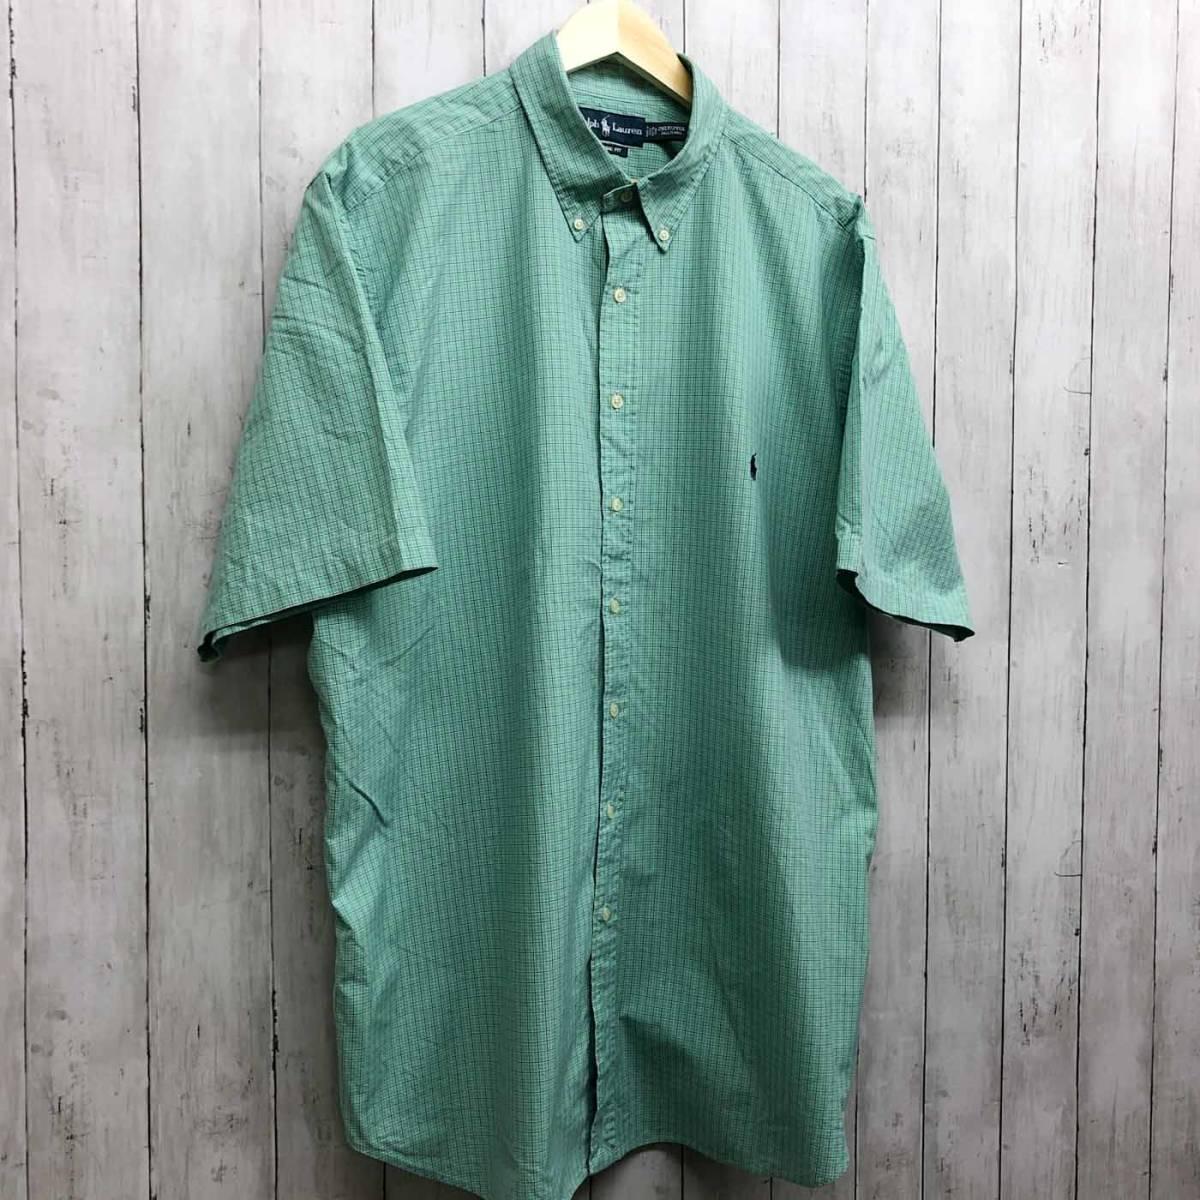 ラルフローレン POLO Ralph Lauren Polo 半袖シャツ メンズ ワンポイント 2XLサイズ (XXLサイズ) 7-152_画像3